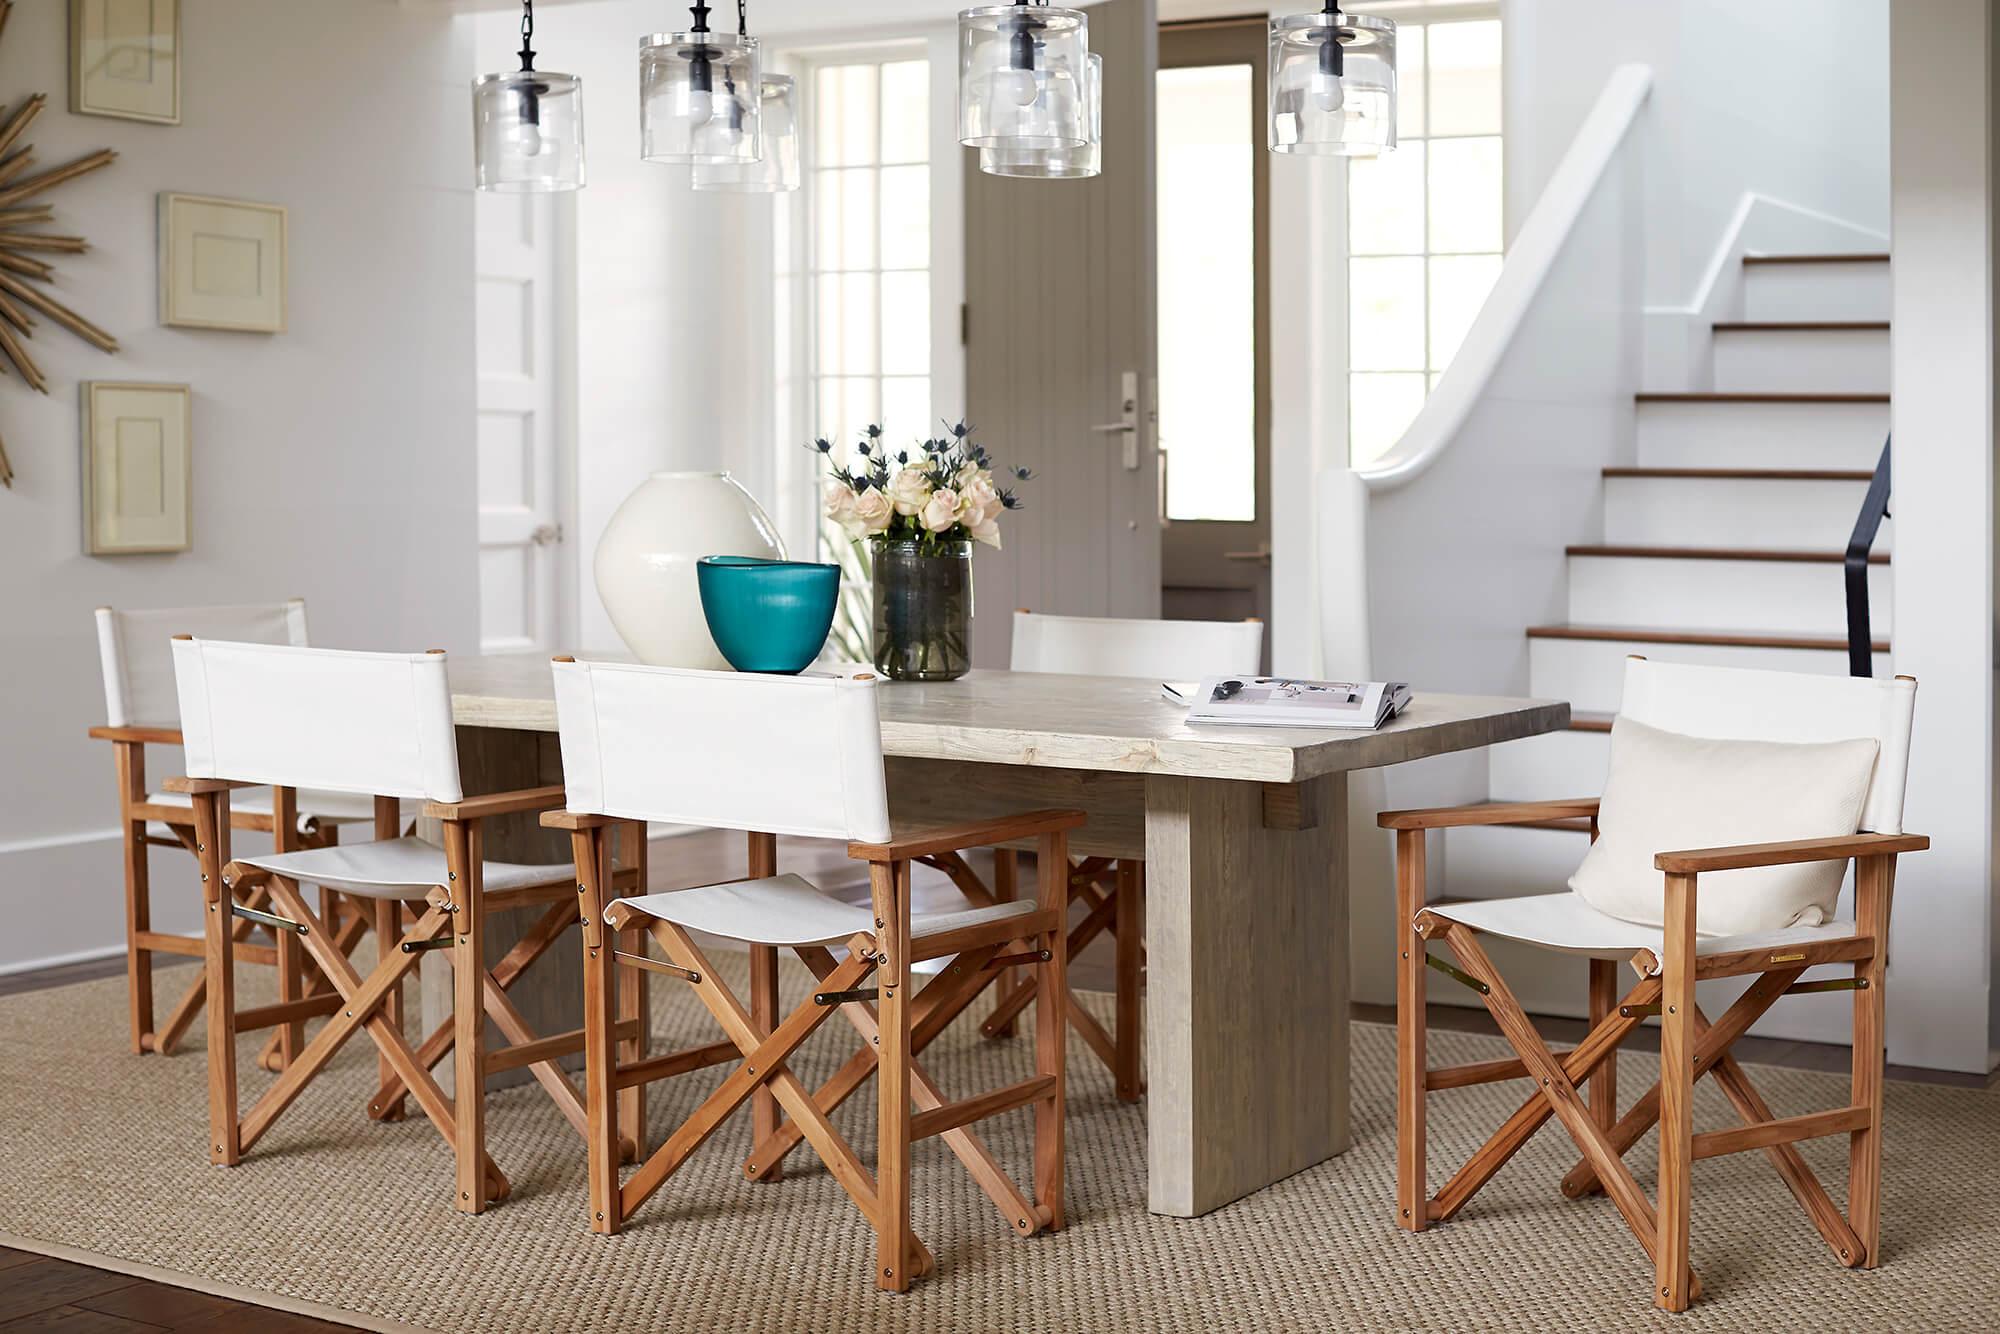 เก้าอี้ผู้อำนวยการสีขาวรอบโต๊ะรับประทานอาหารภายใน